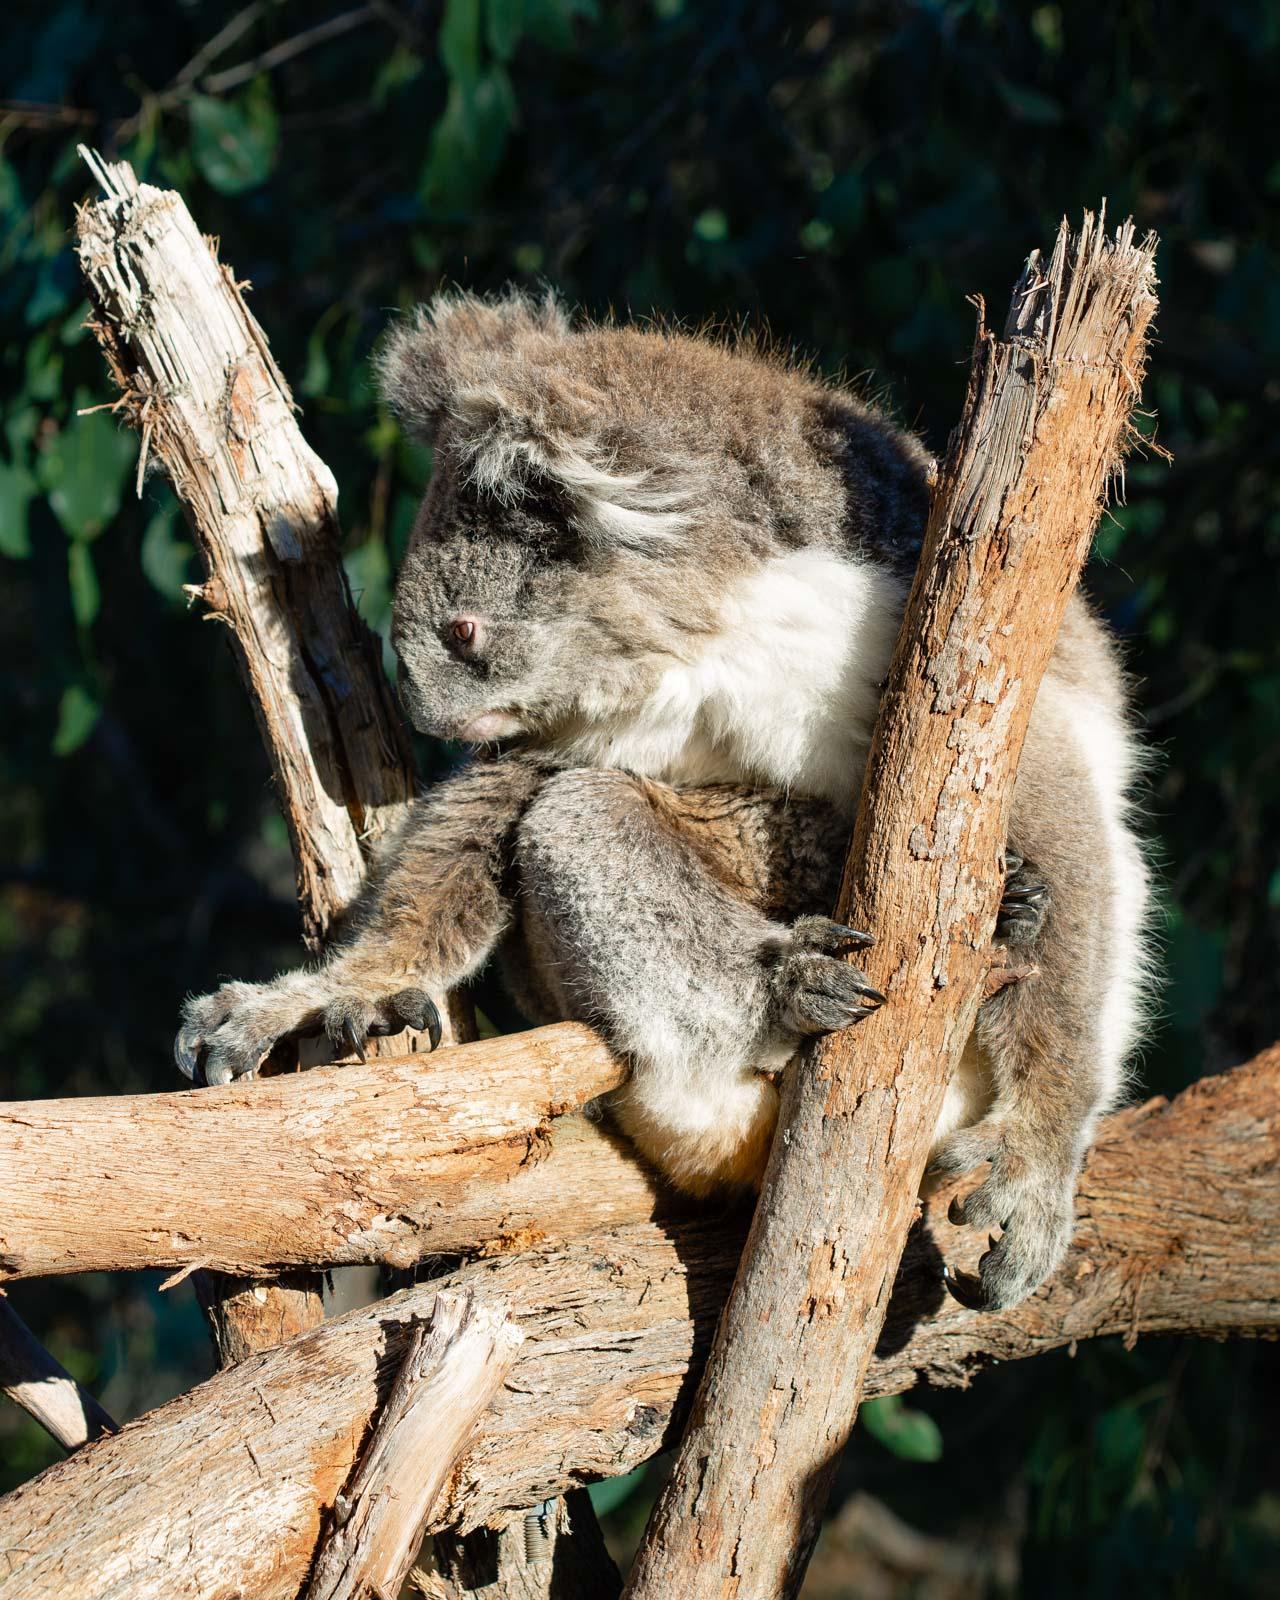 alexa-wright-koala-3.jpg